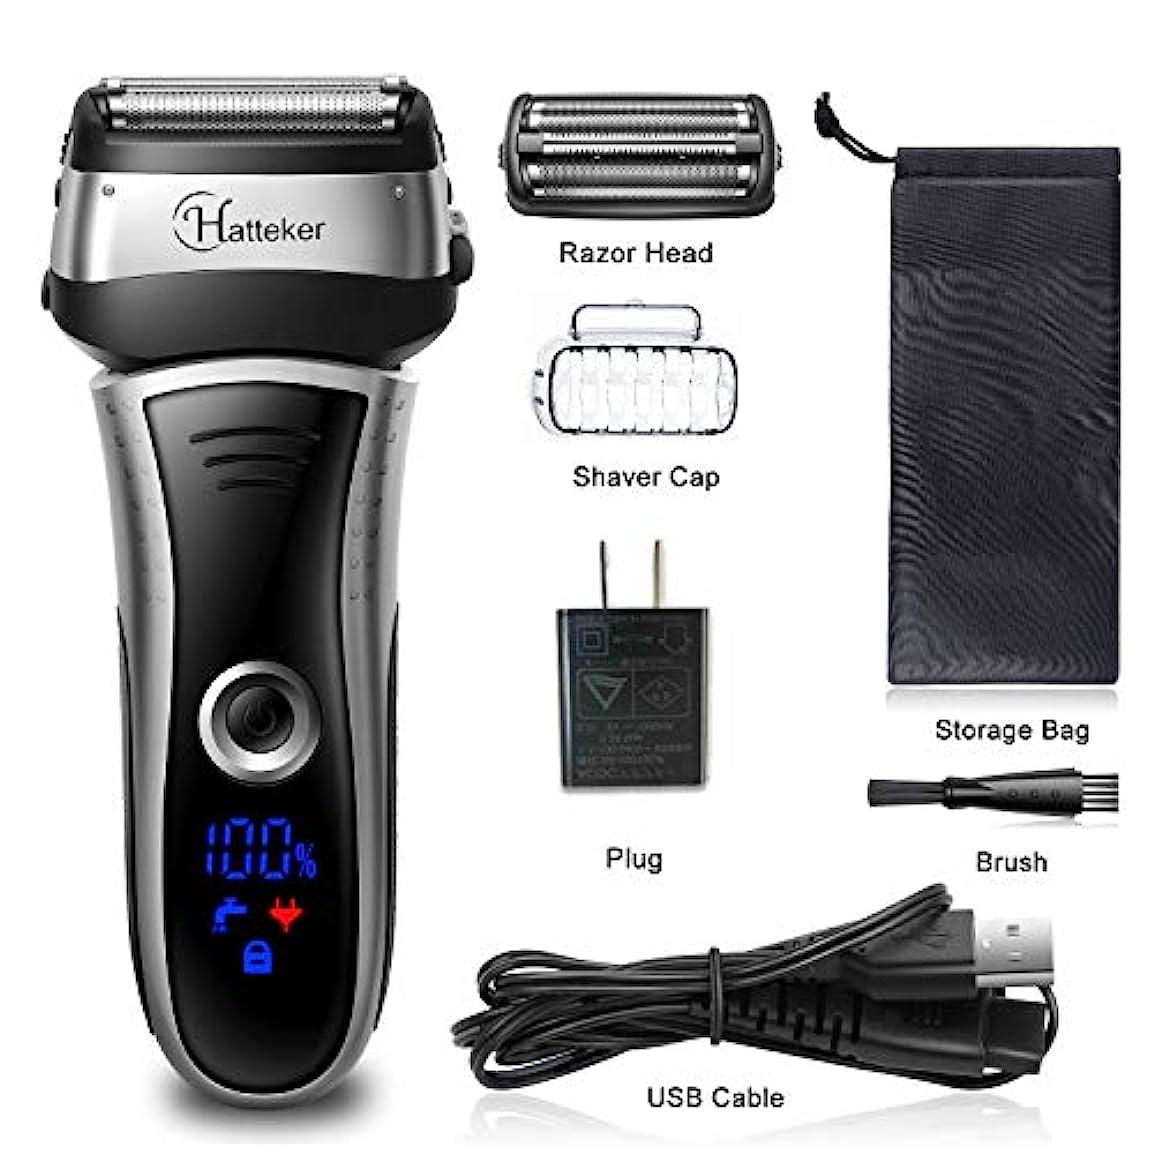 サワー割る恩恵HATTEKER メンズシェーバー ひげそり 電動髭剃り 往復式シェーバー 3枚刃 USB充電式 LEDディスプレイ お風呂剃り & 丸洗可 替刃付きブラック